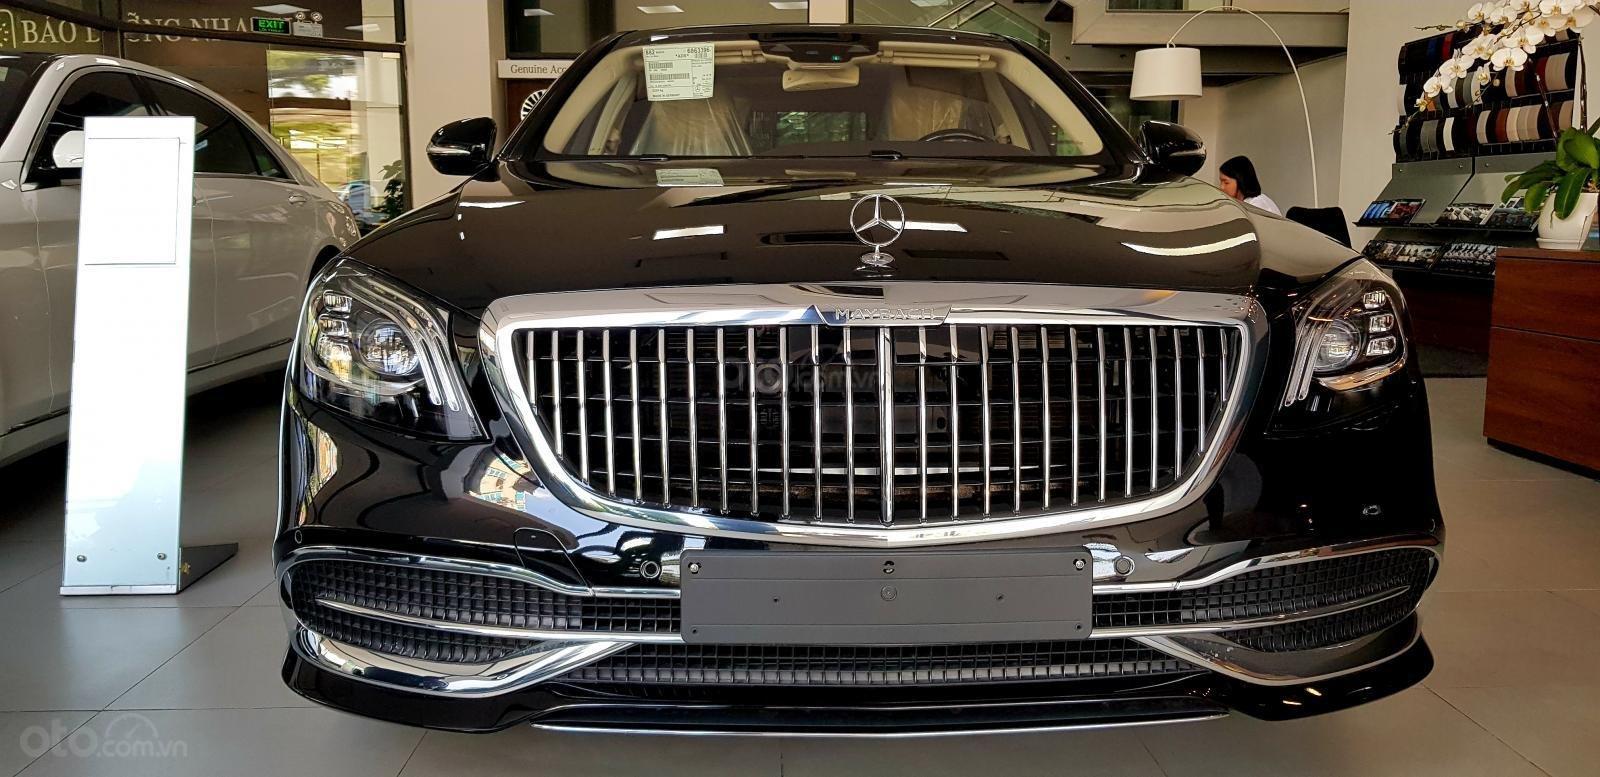 Mercedes-Benz Maybach S450 đời 2019 nhập khẩu, xe giao ngay khuyến mãi lớn, liên hệ 0913332288 (24)